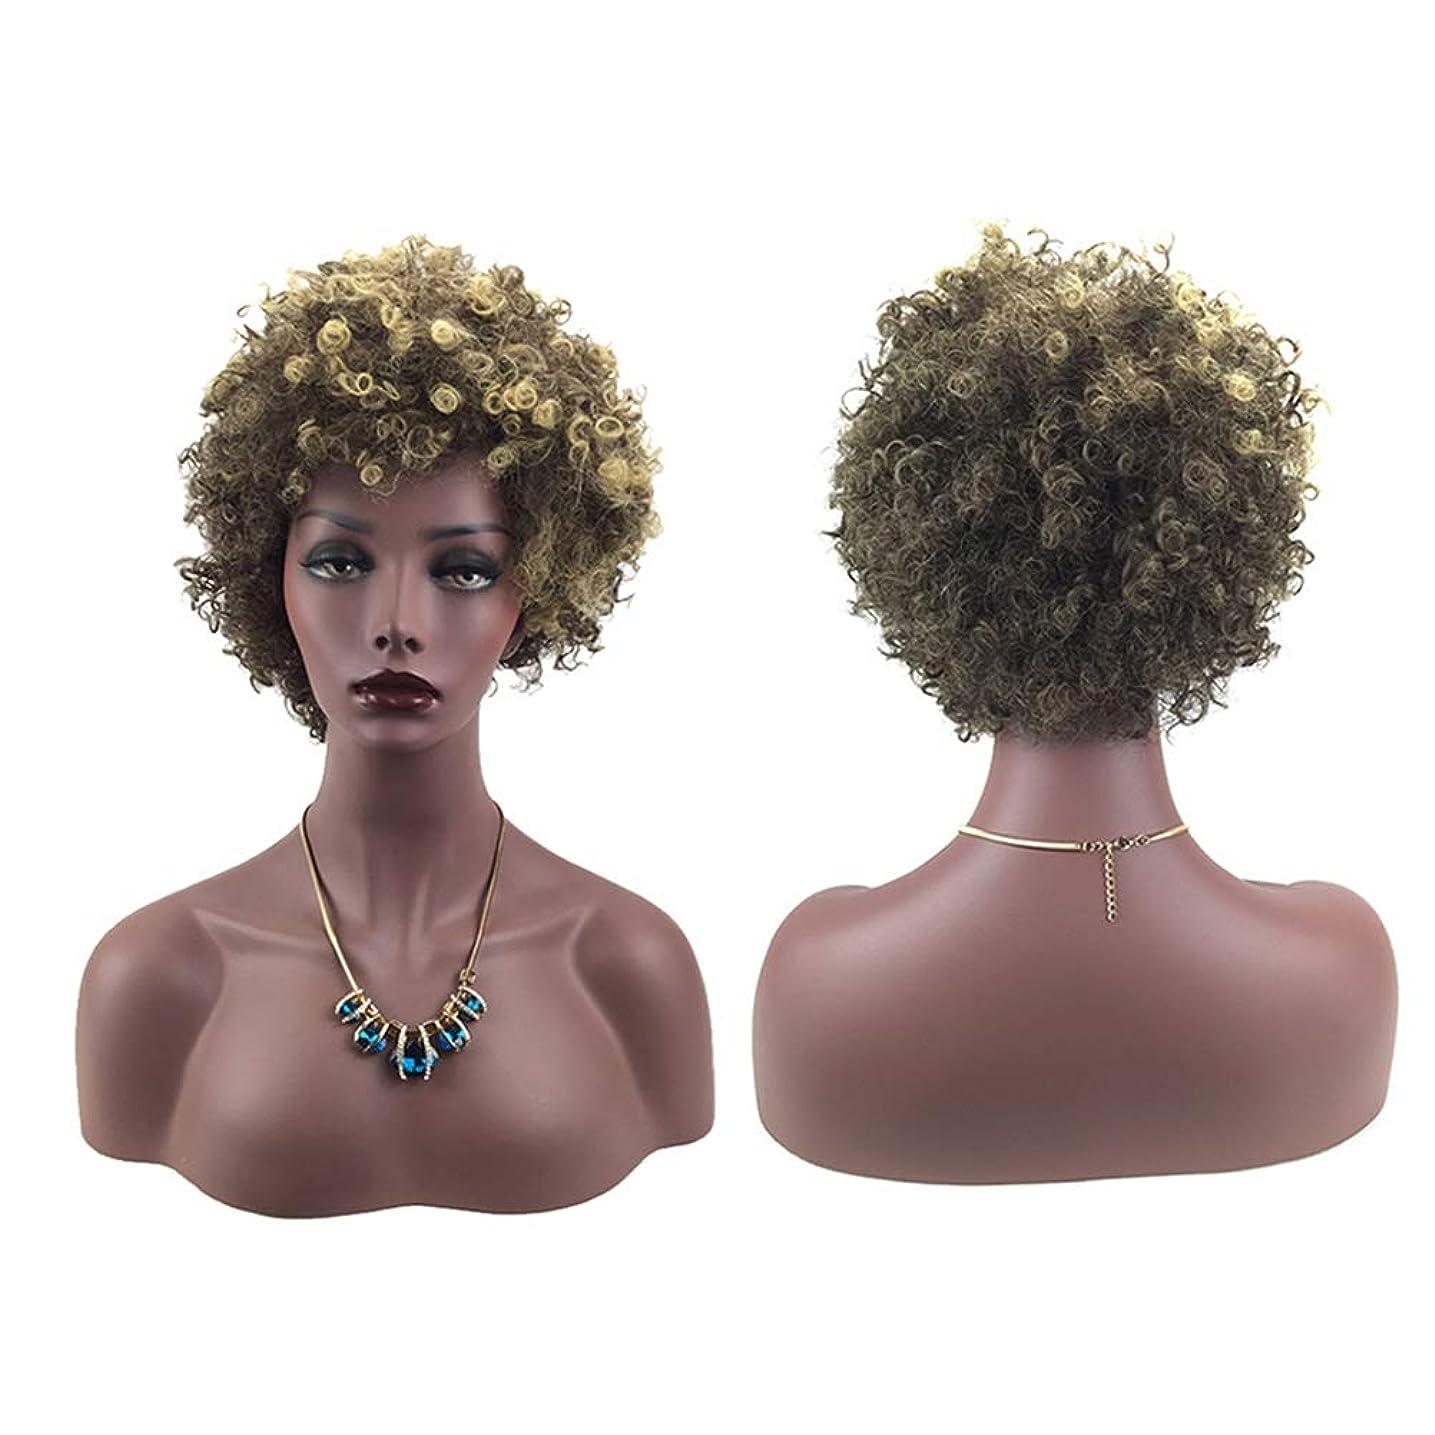 節約伝染性ドール女性ミニカーリーファッションヘアウィッグ自然に見える絶妙な弾性ネットウィッグカバー(66162)